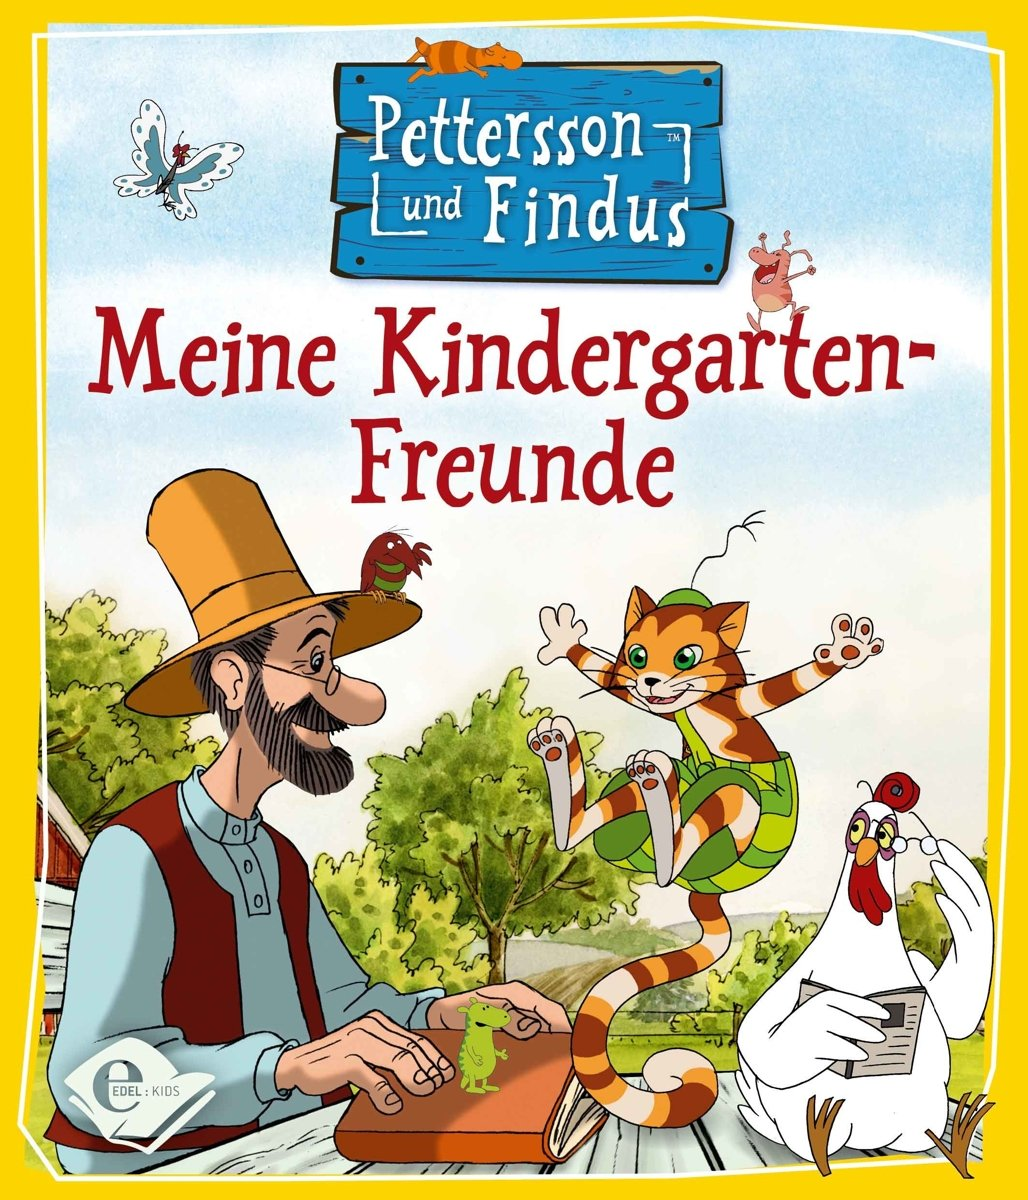 pettersson-und-findus-freundebuch-meine-kindergartenfreunde